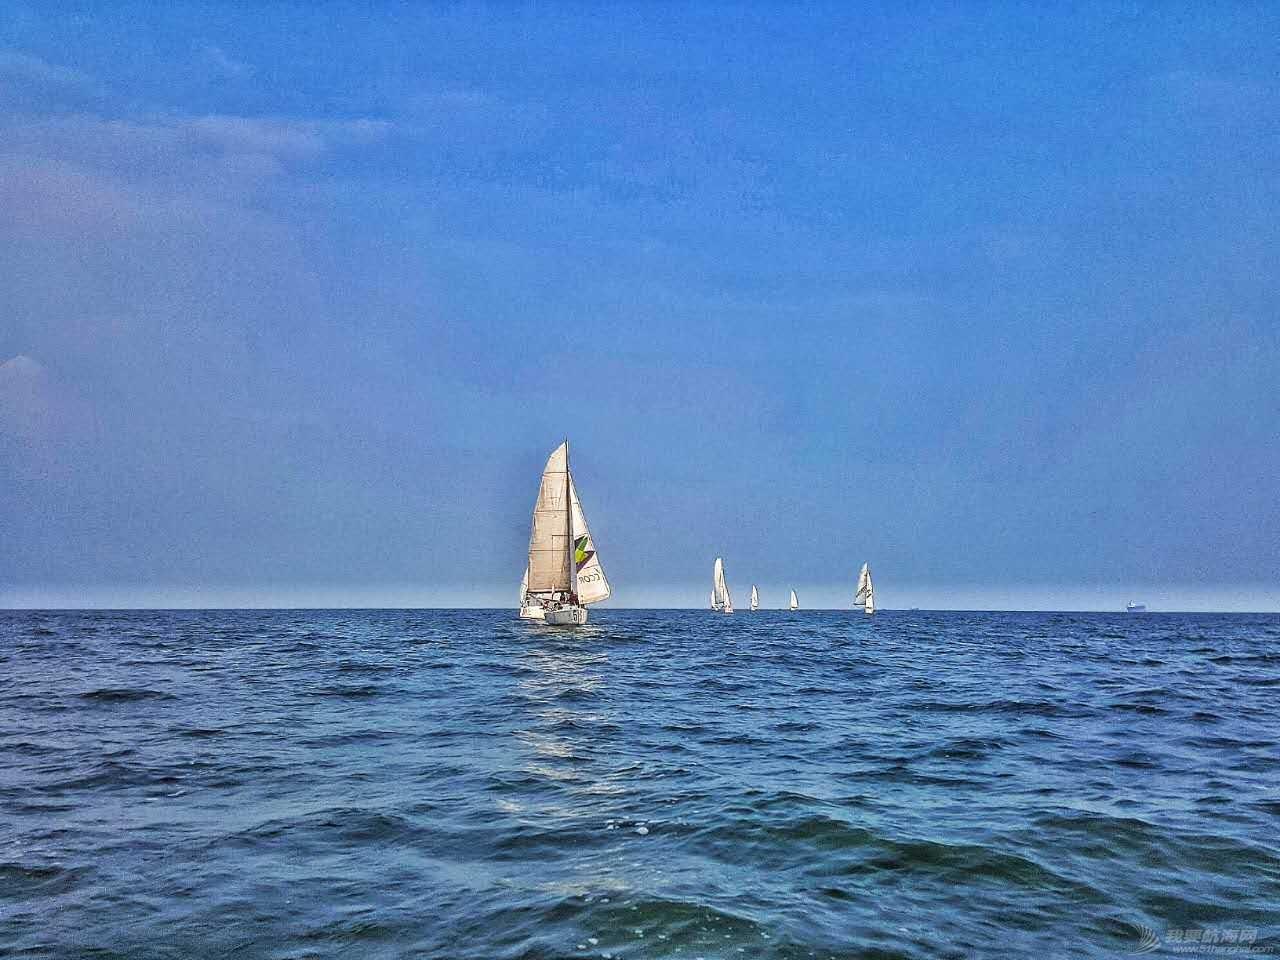 秦皇岛,帆船 记第一次帆船航海比赛-9月3日秦皇岛飞驰杯月赛 IMG_8462.JPG